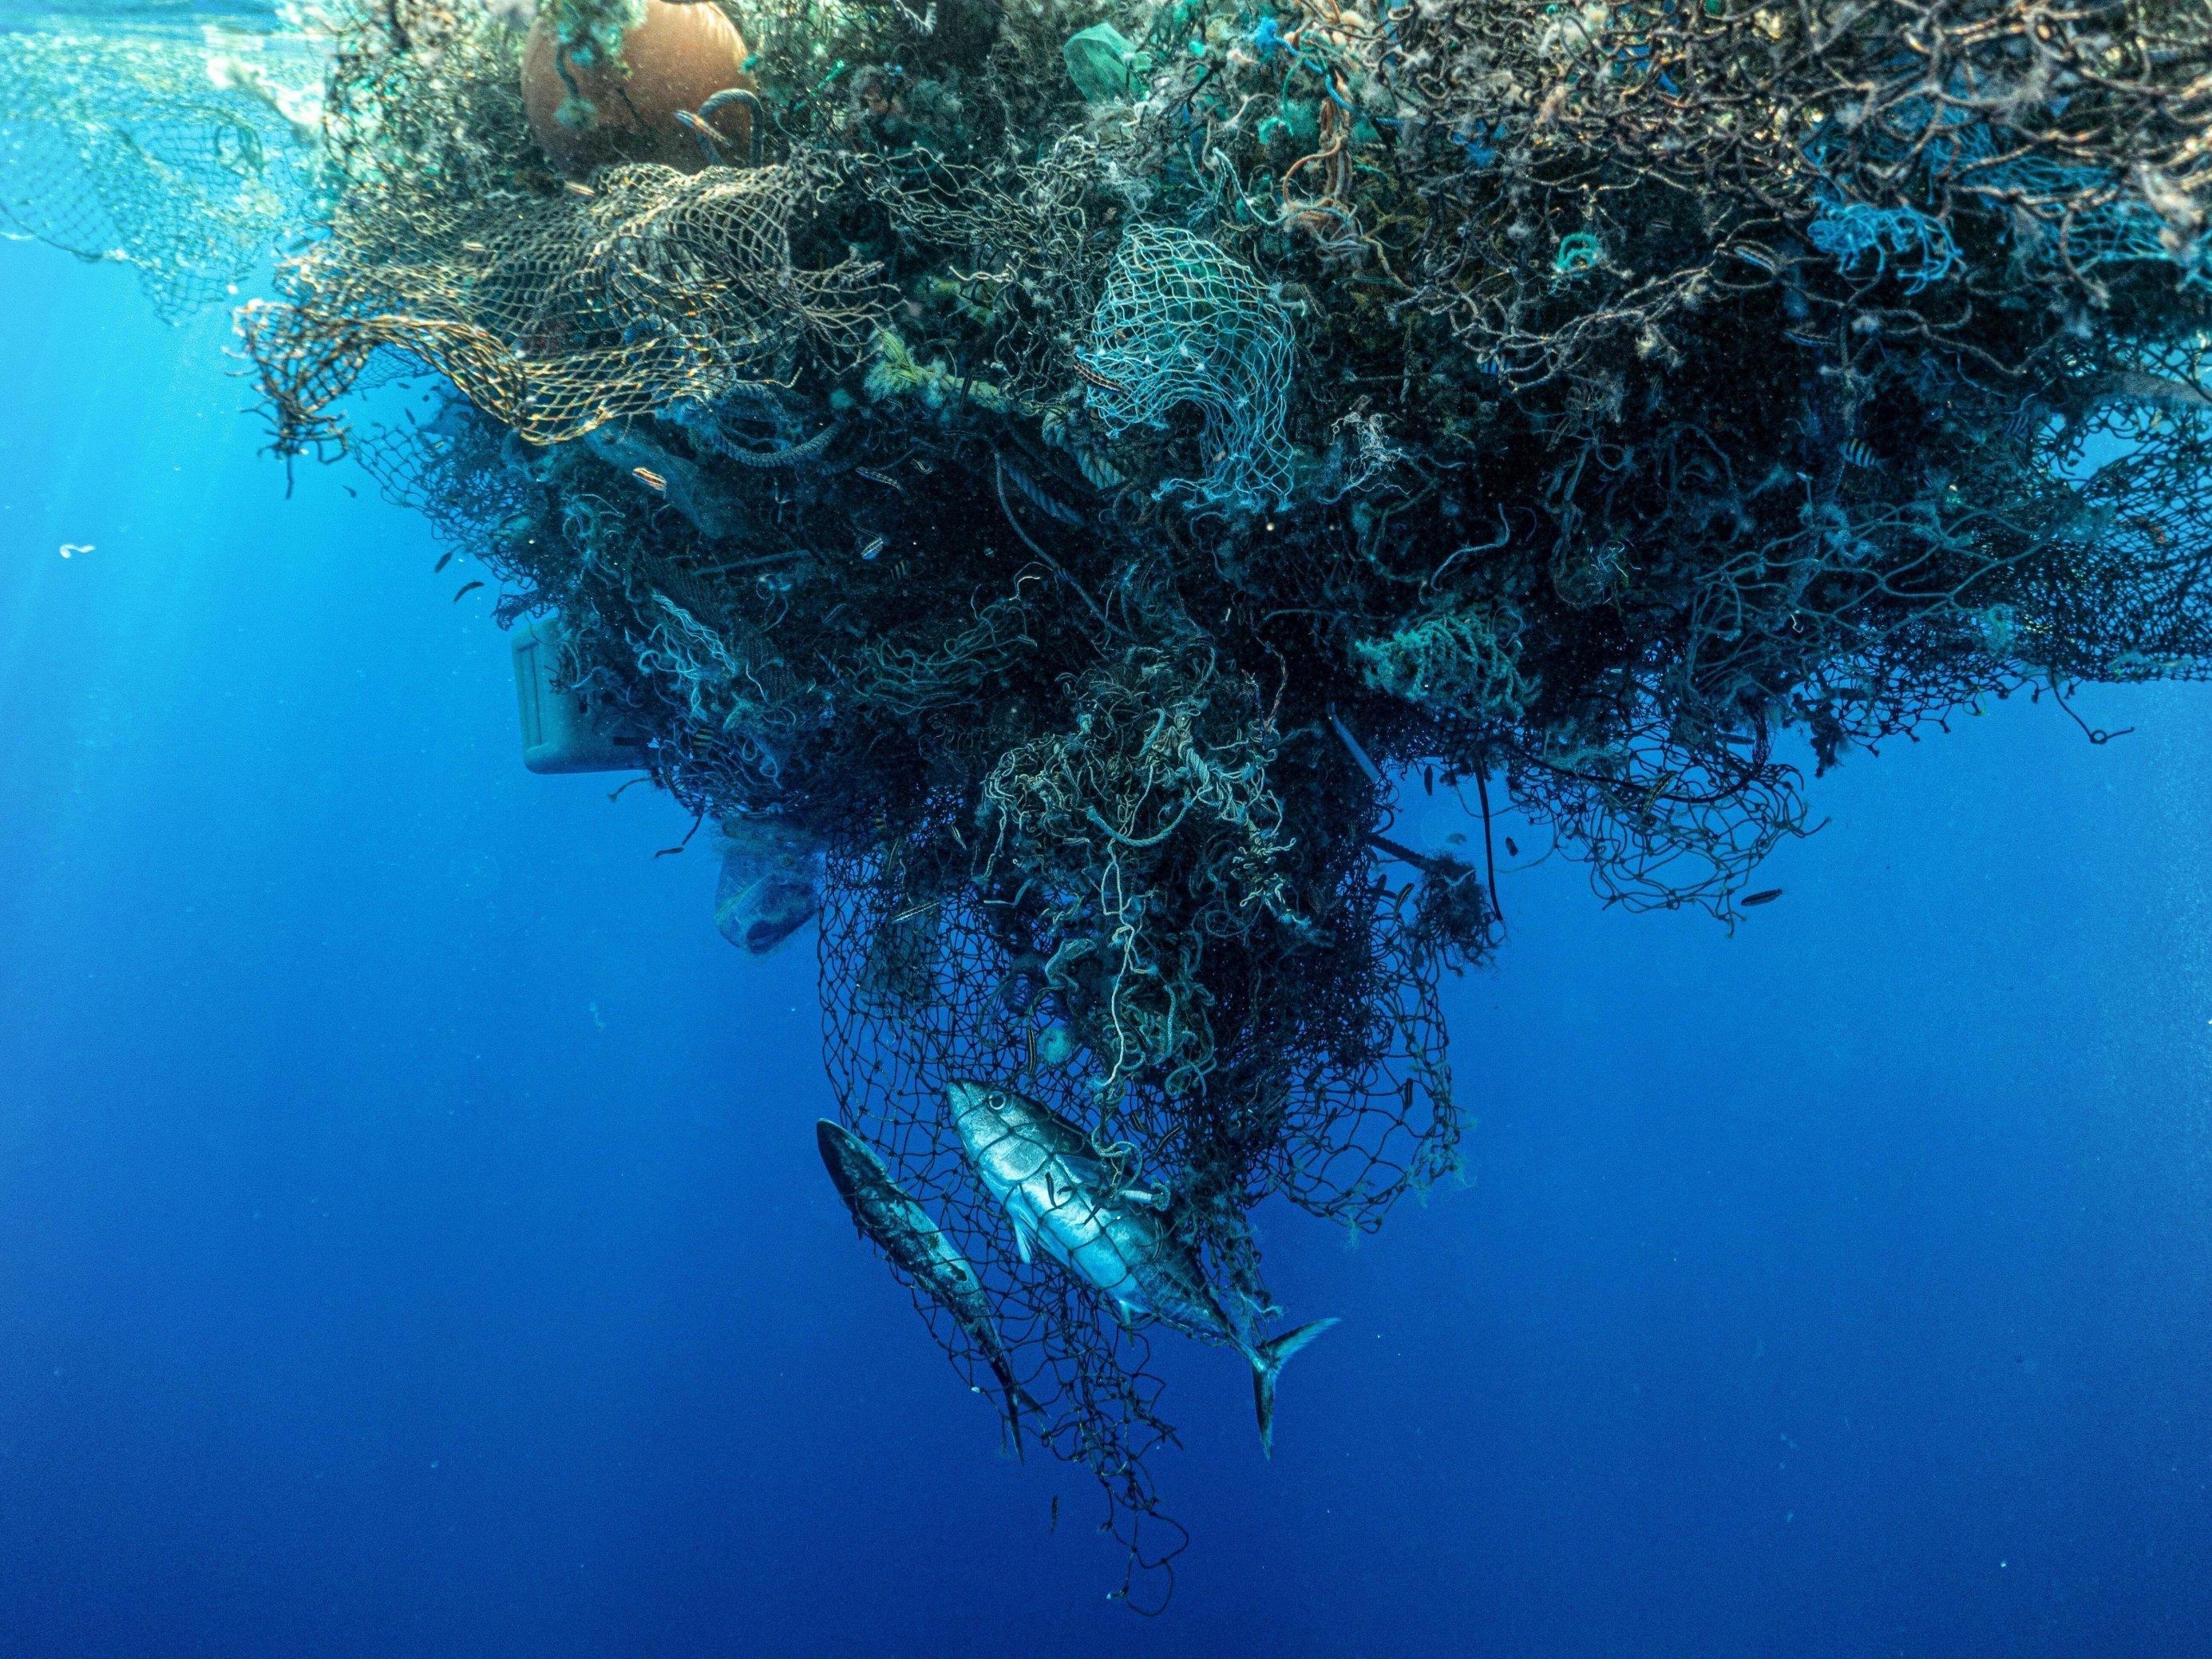 Ein Fischernetz im Wasser mit Fischen darin.